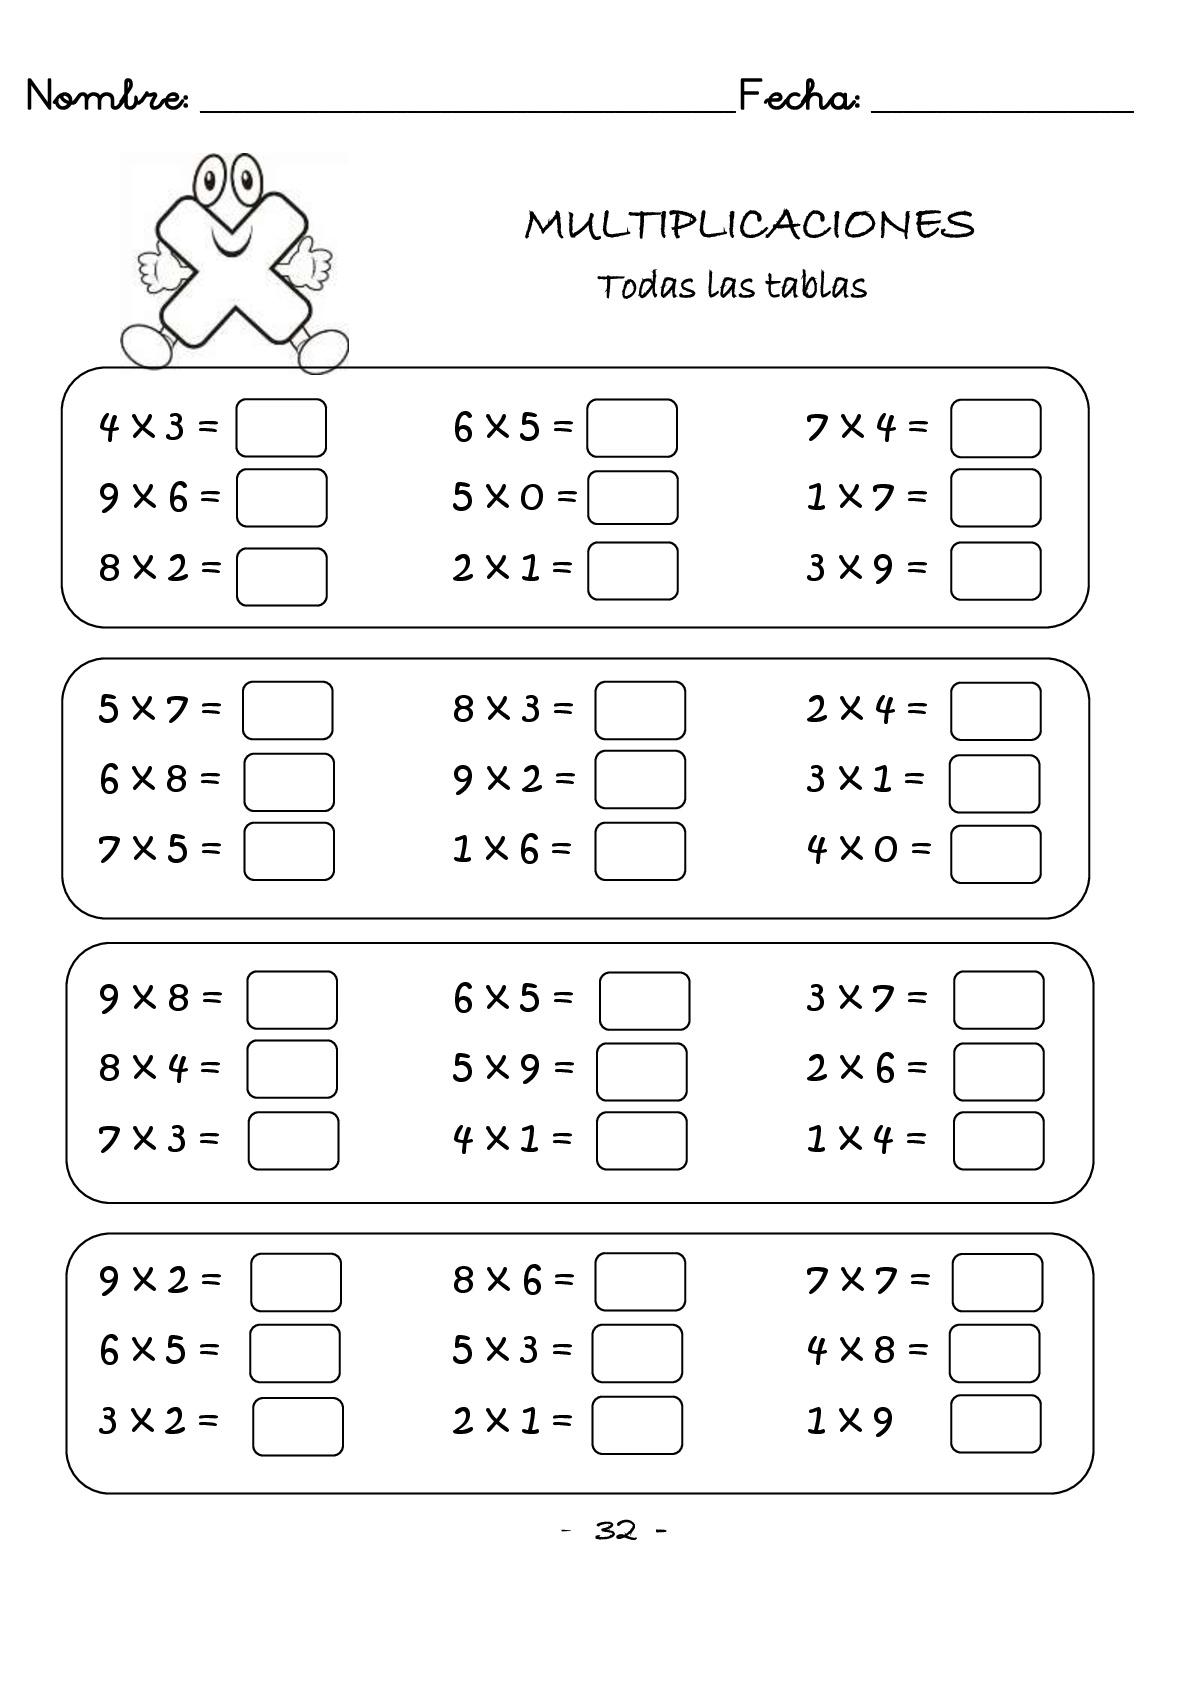 multiplicaciones-rapidas-una-cifra-protegido-033